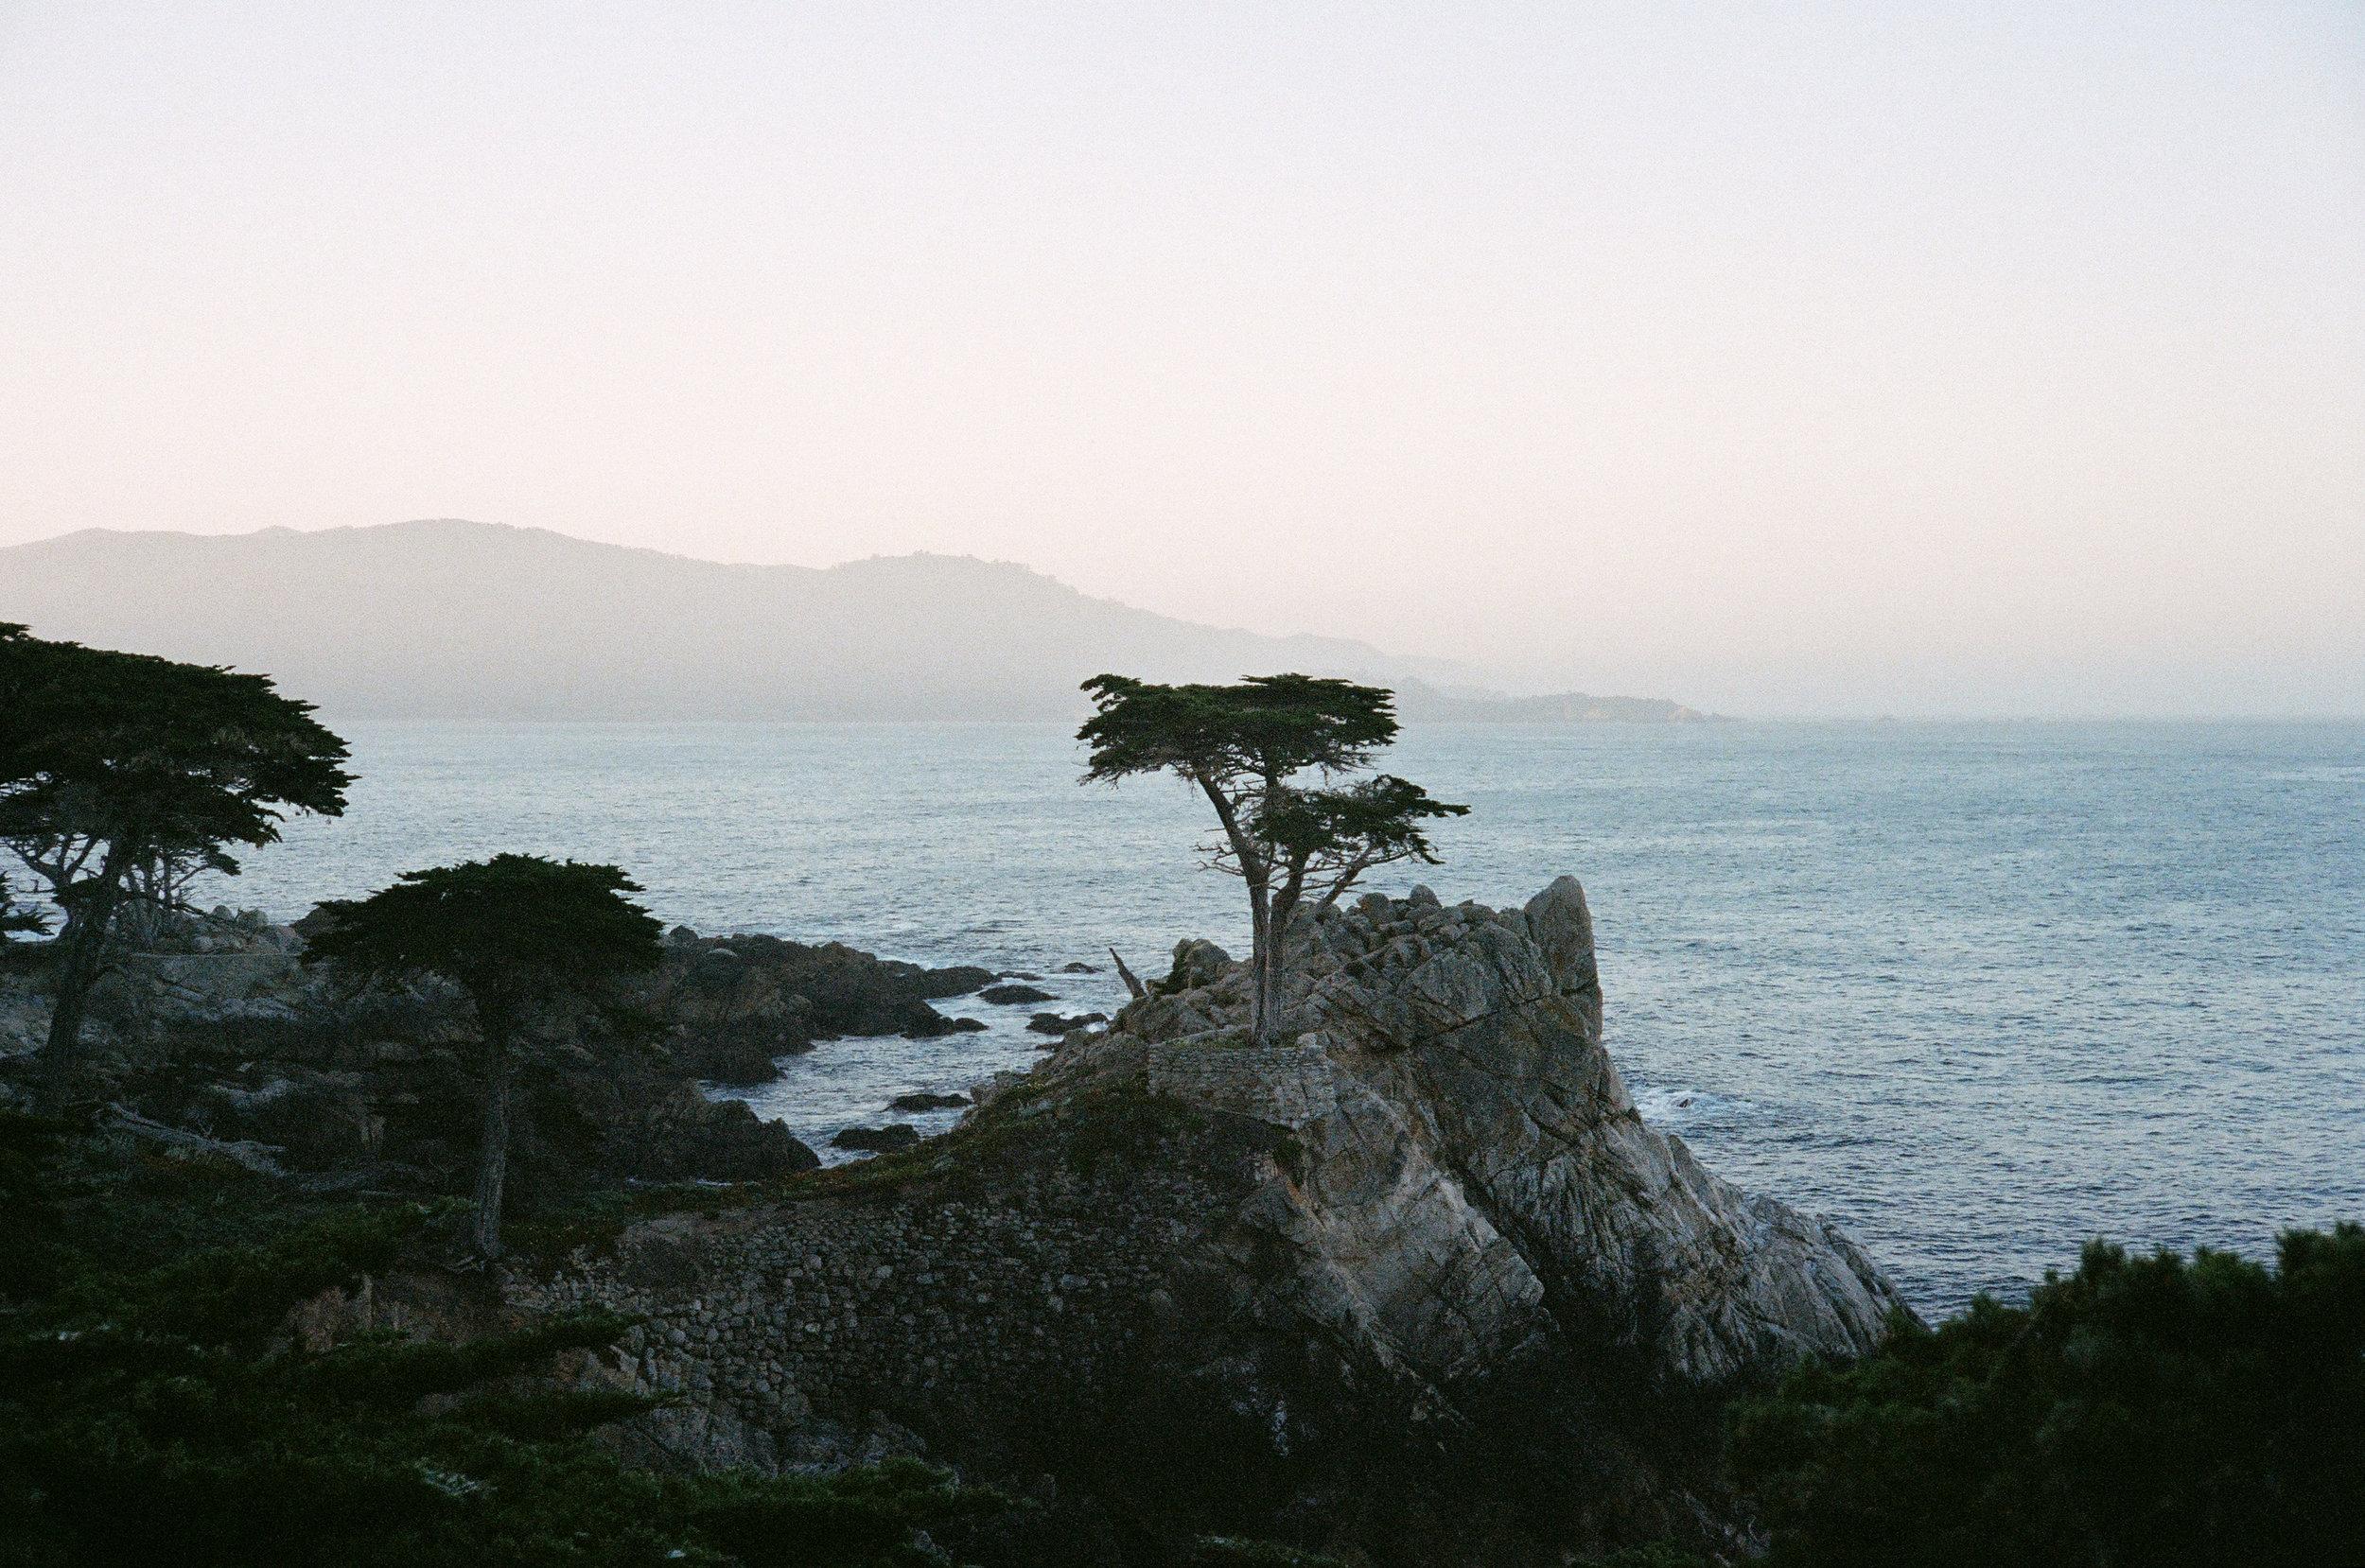 Del Monte Forest, California : Kodak Portra 400